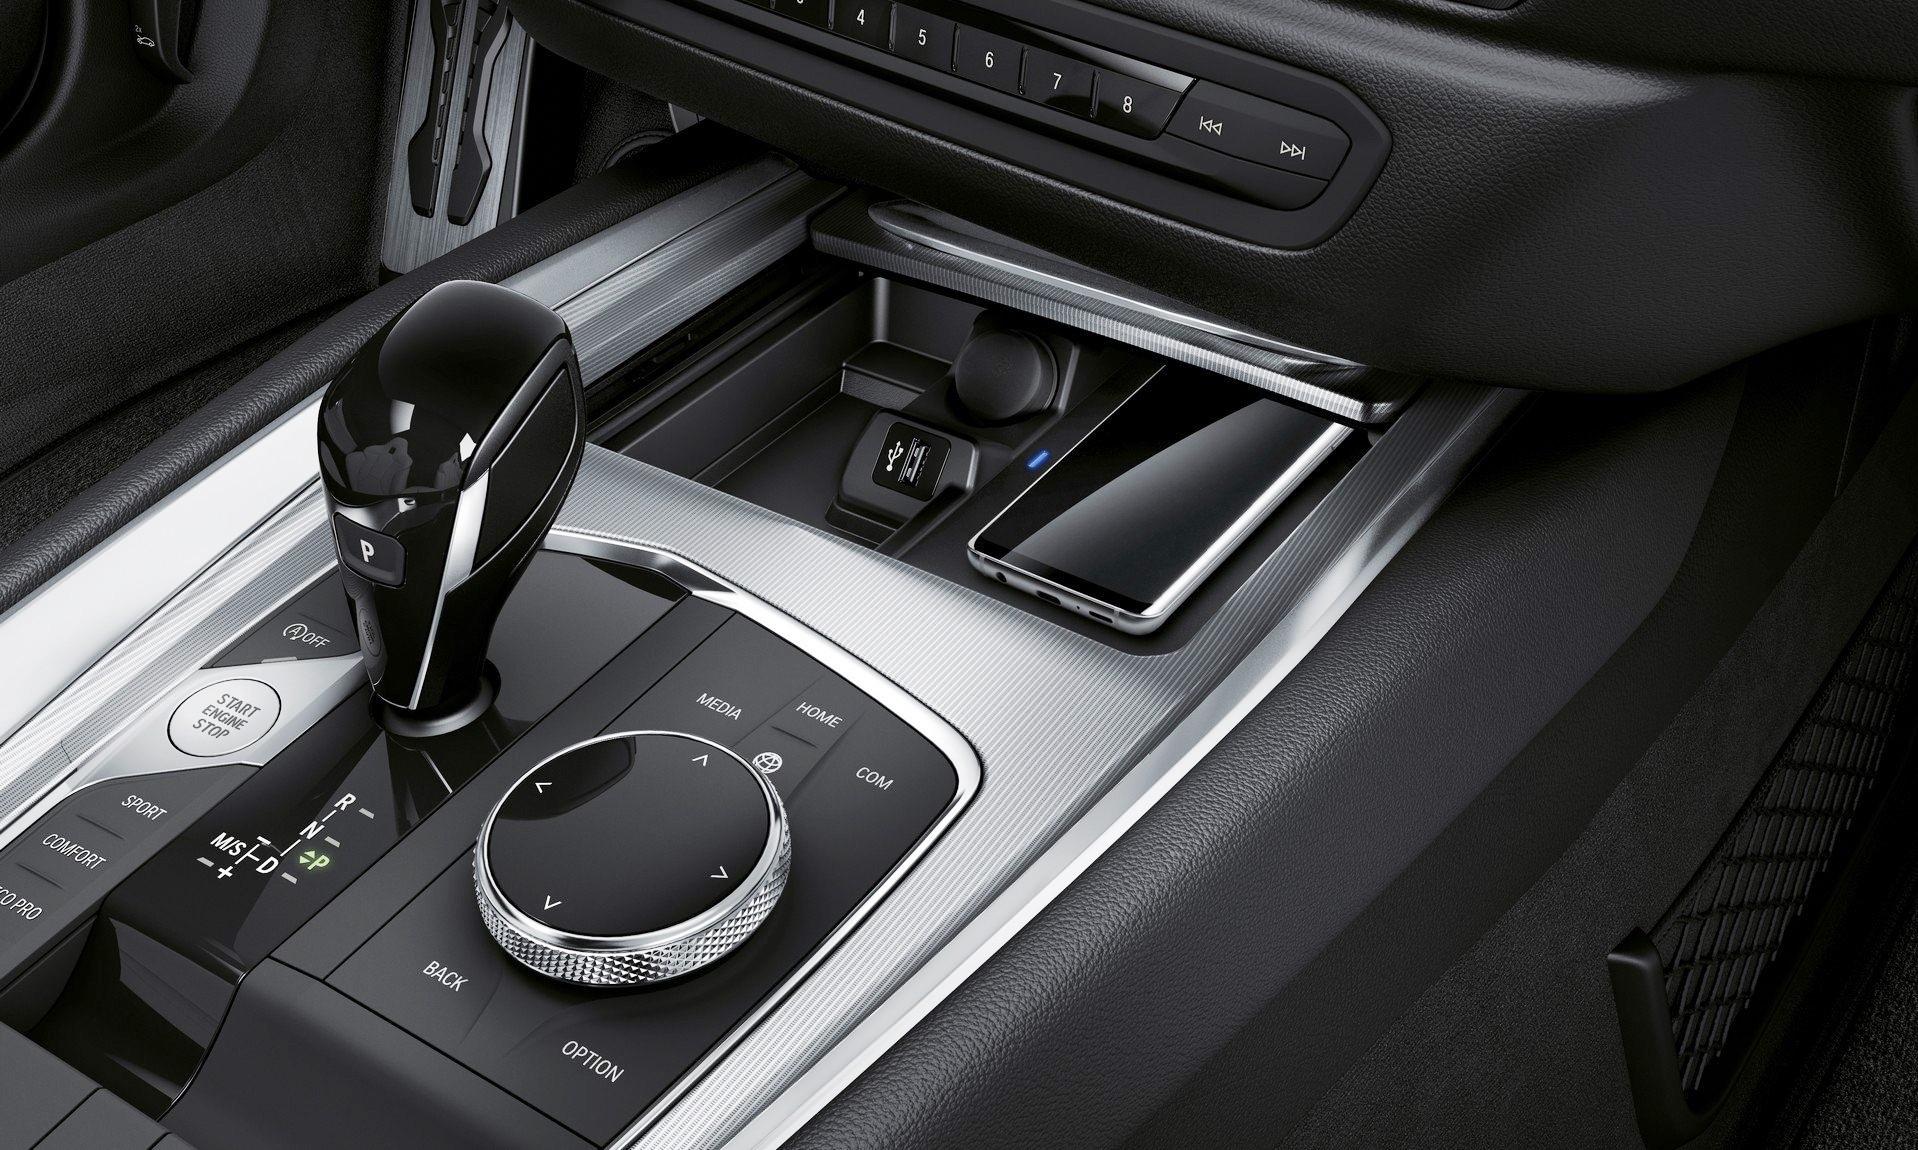 New BMW Z4 console